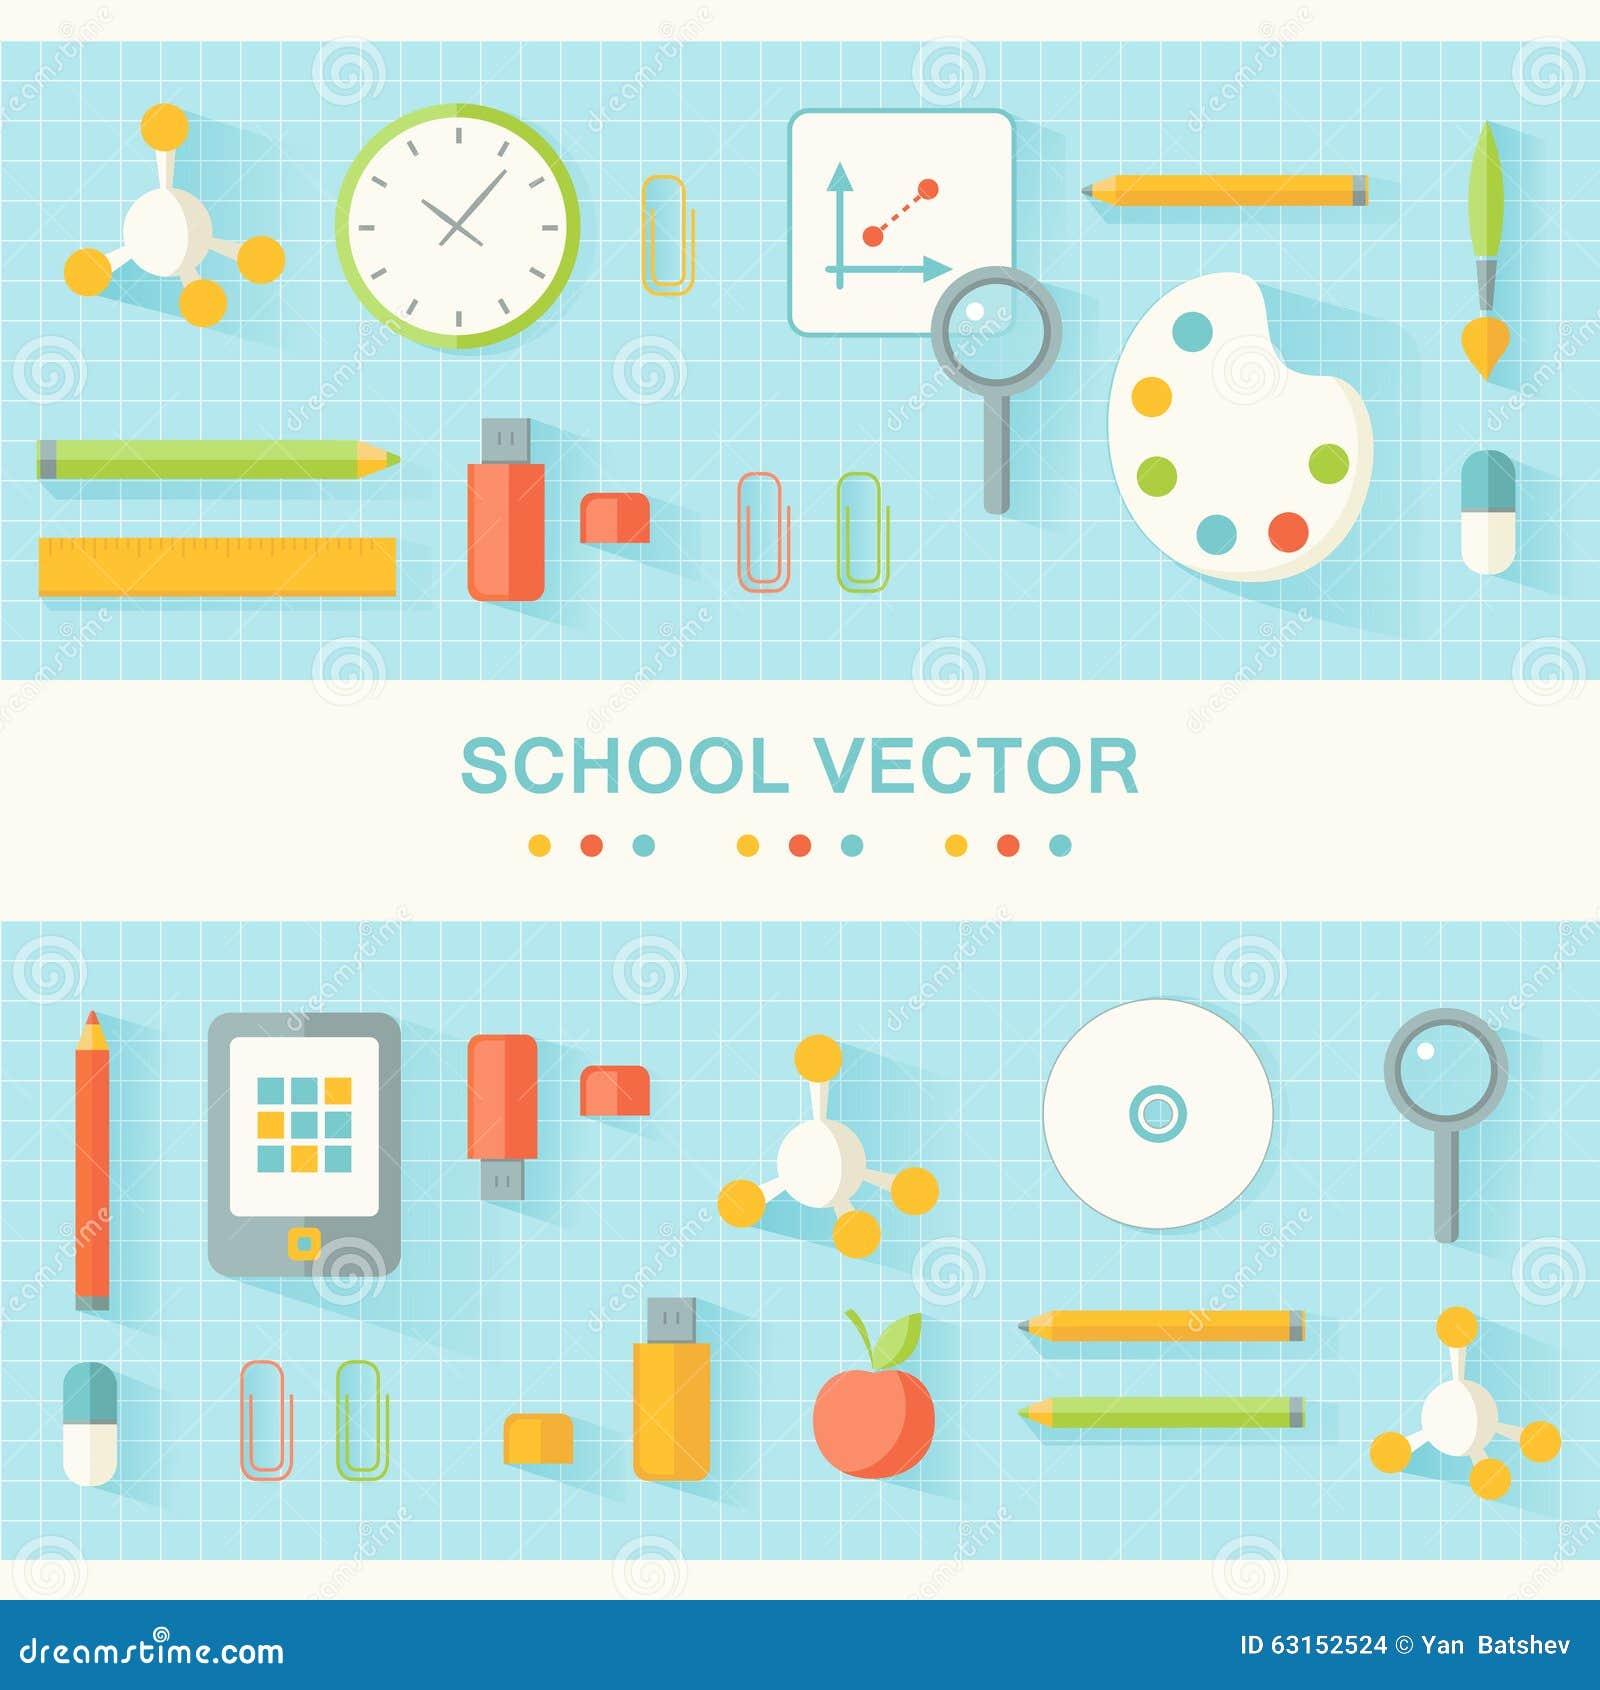 Schule und bildungs flaches design plakat vektor abbildung for Schule design